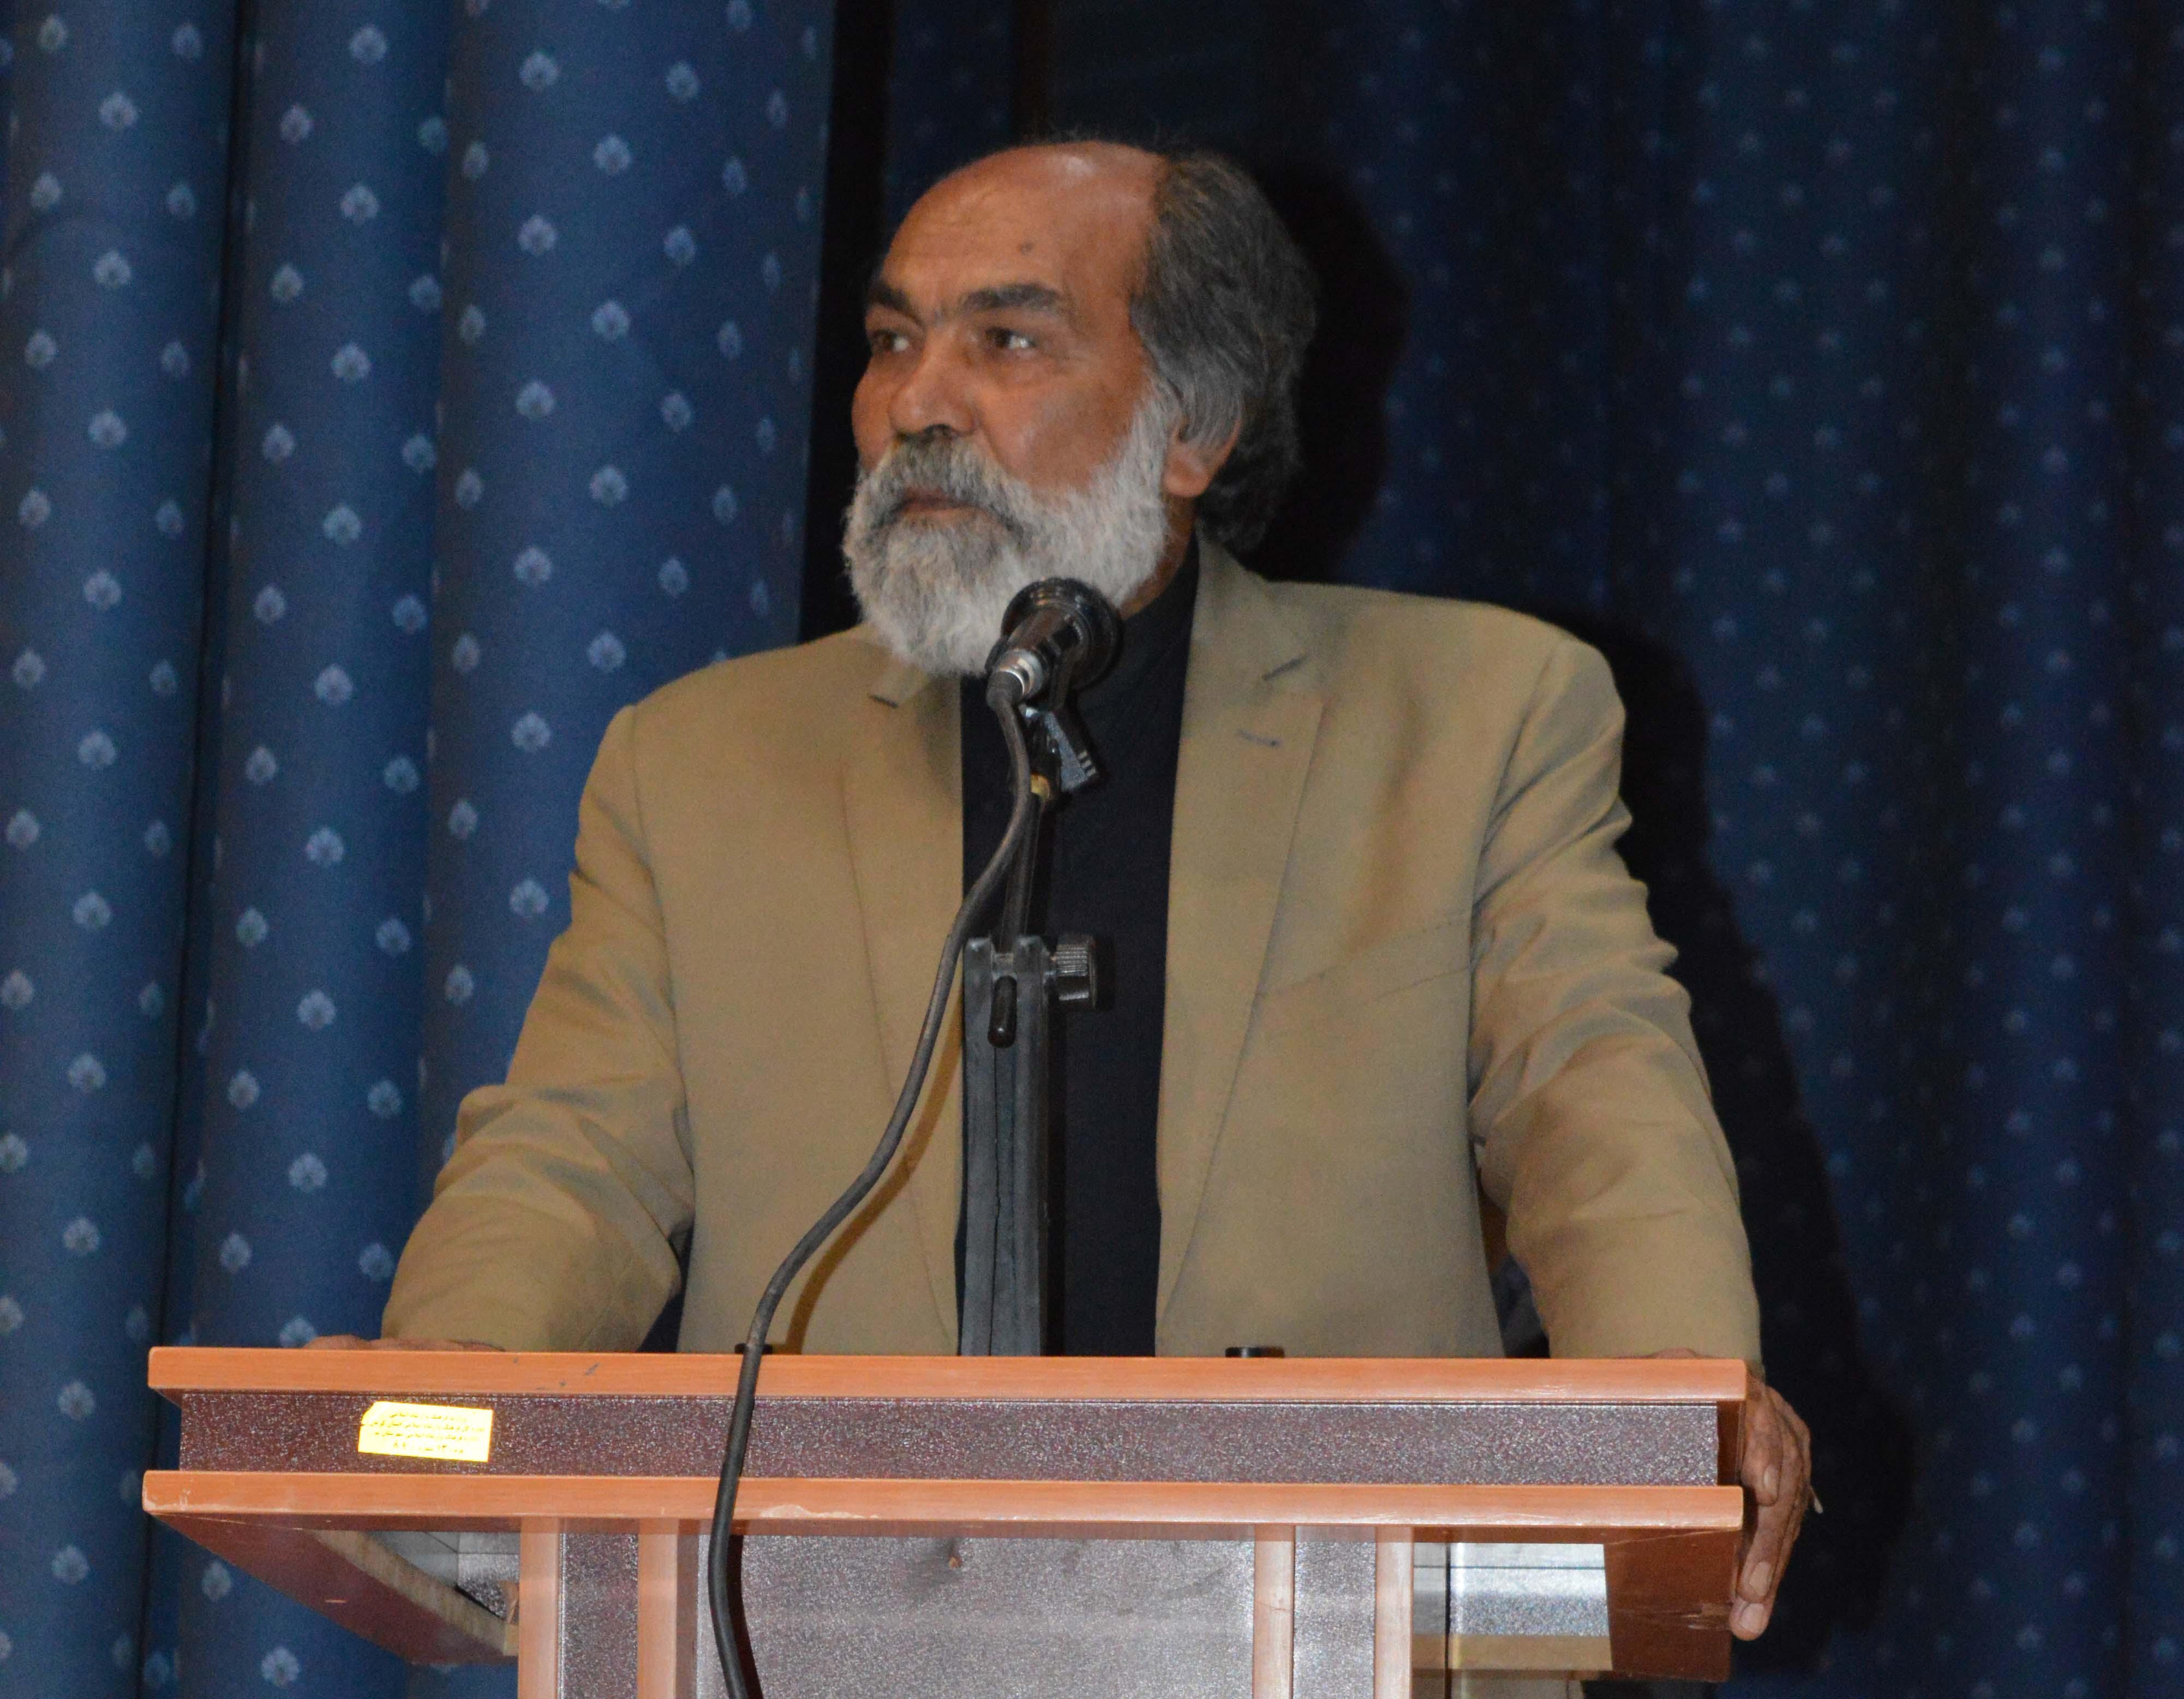 حاج علی طاهریان به عنوان کارشناس و مشاور عالی و ارشد شورای اسلامی و شهرداری دارالصابرین بم انتخاب شد